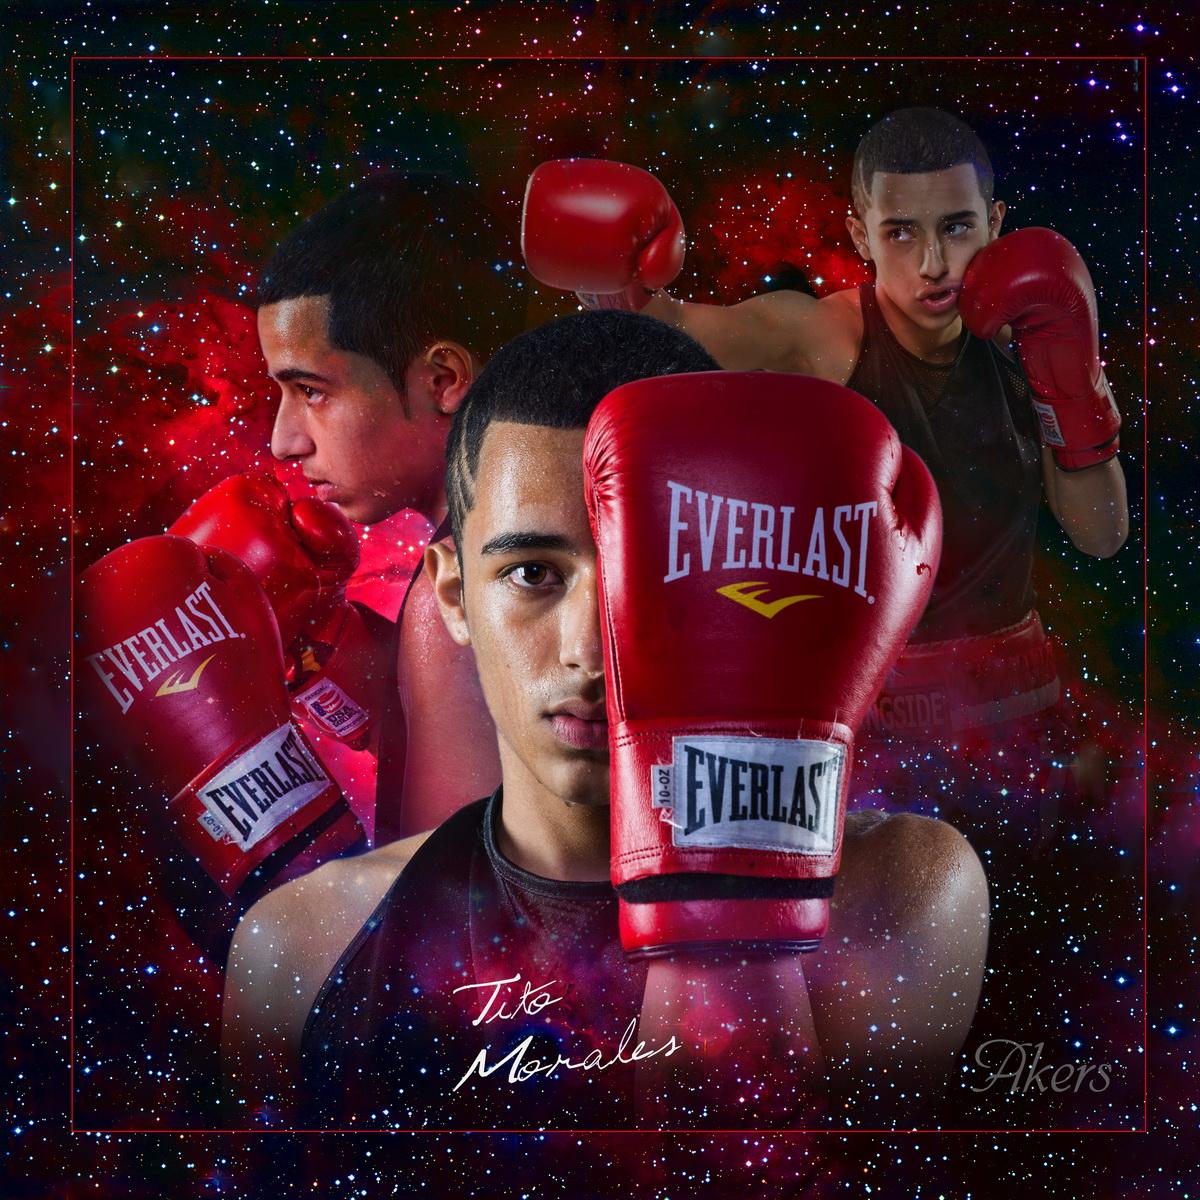 Tito-Boxing Nebula.jpg